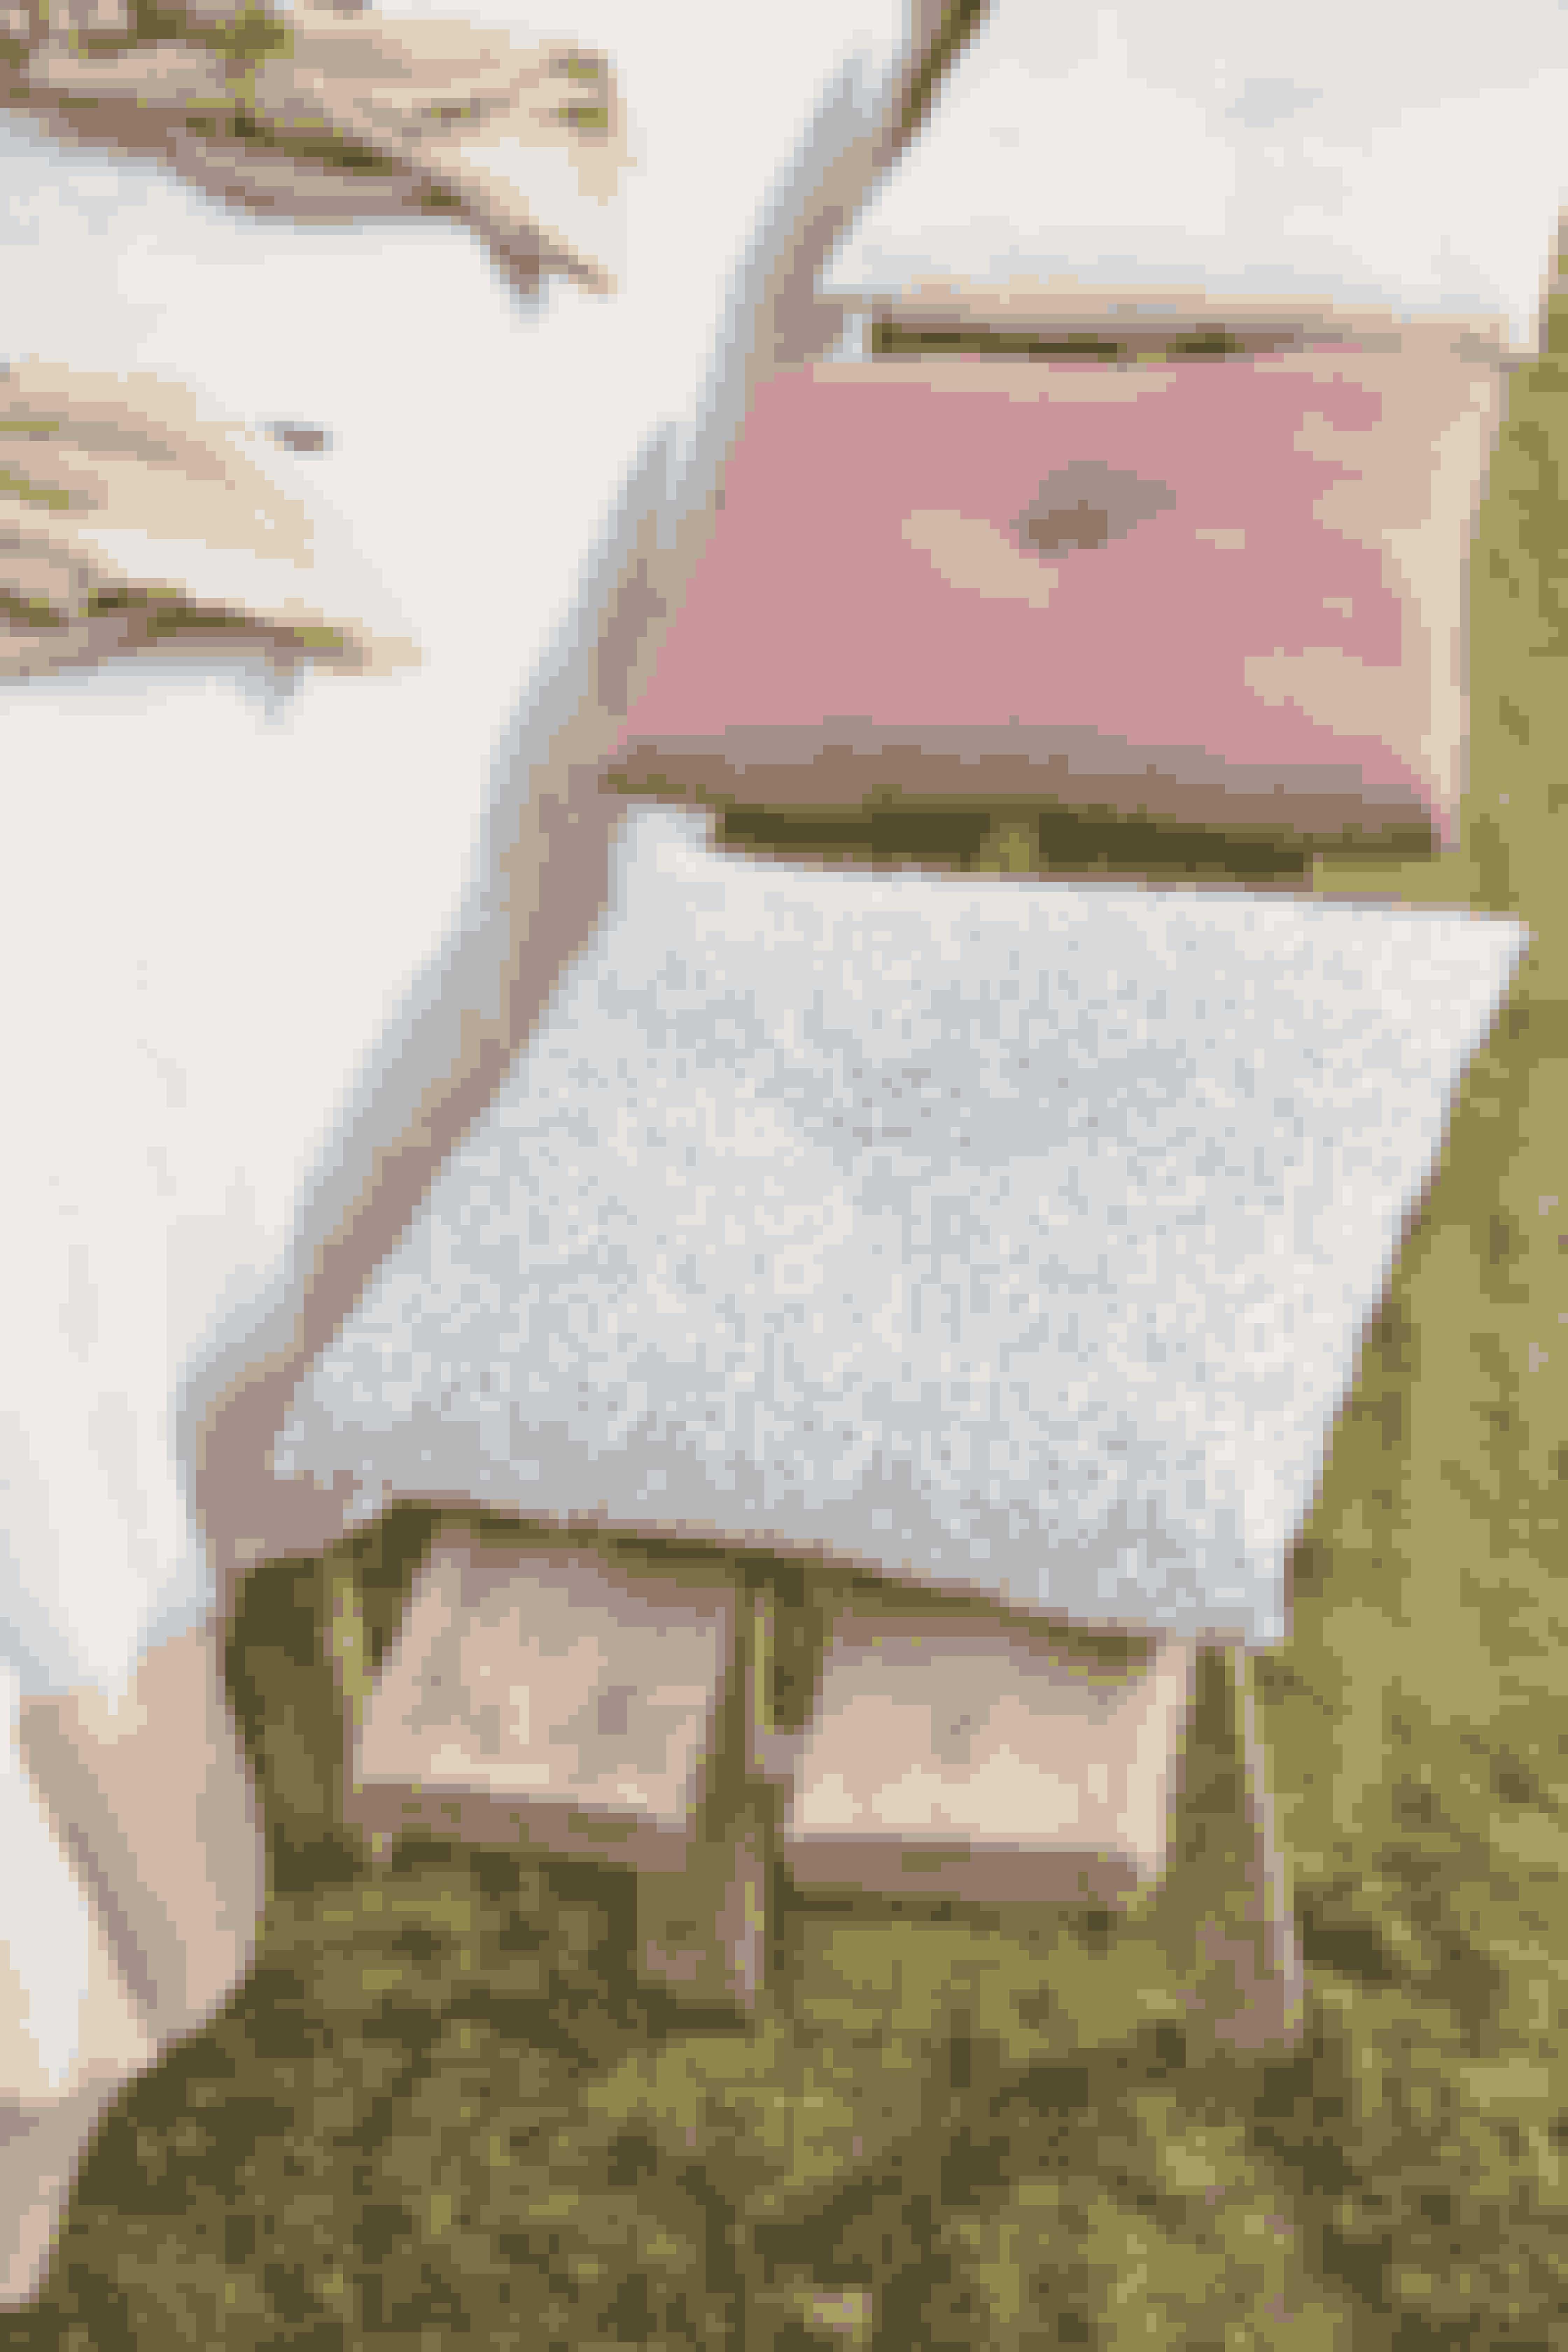 Opgradér komforten på havebænken, liggestolen eller i hængekøjen med disse fine hynder i friske forårsfarver. Pris: 42,80 kr.